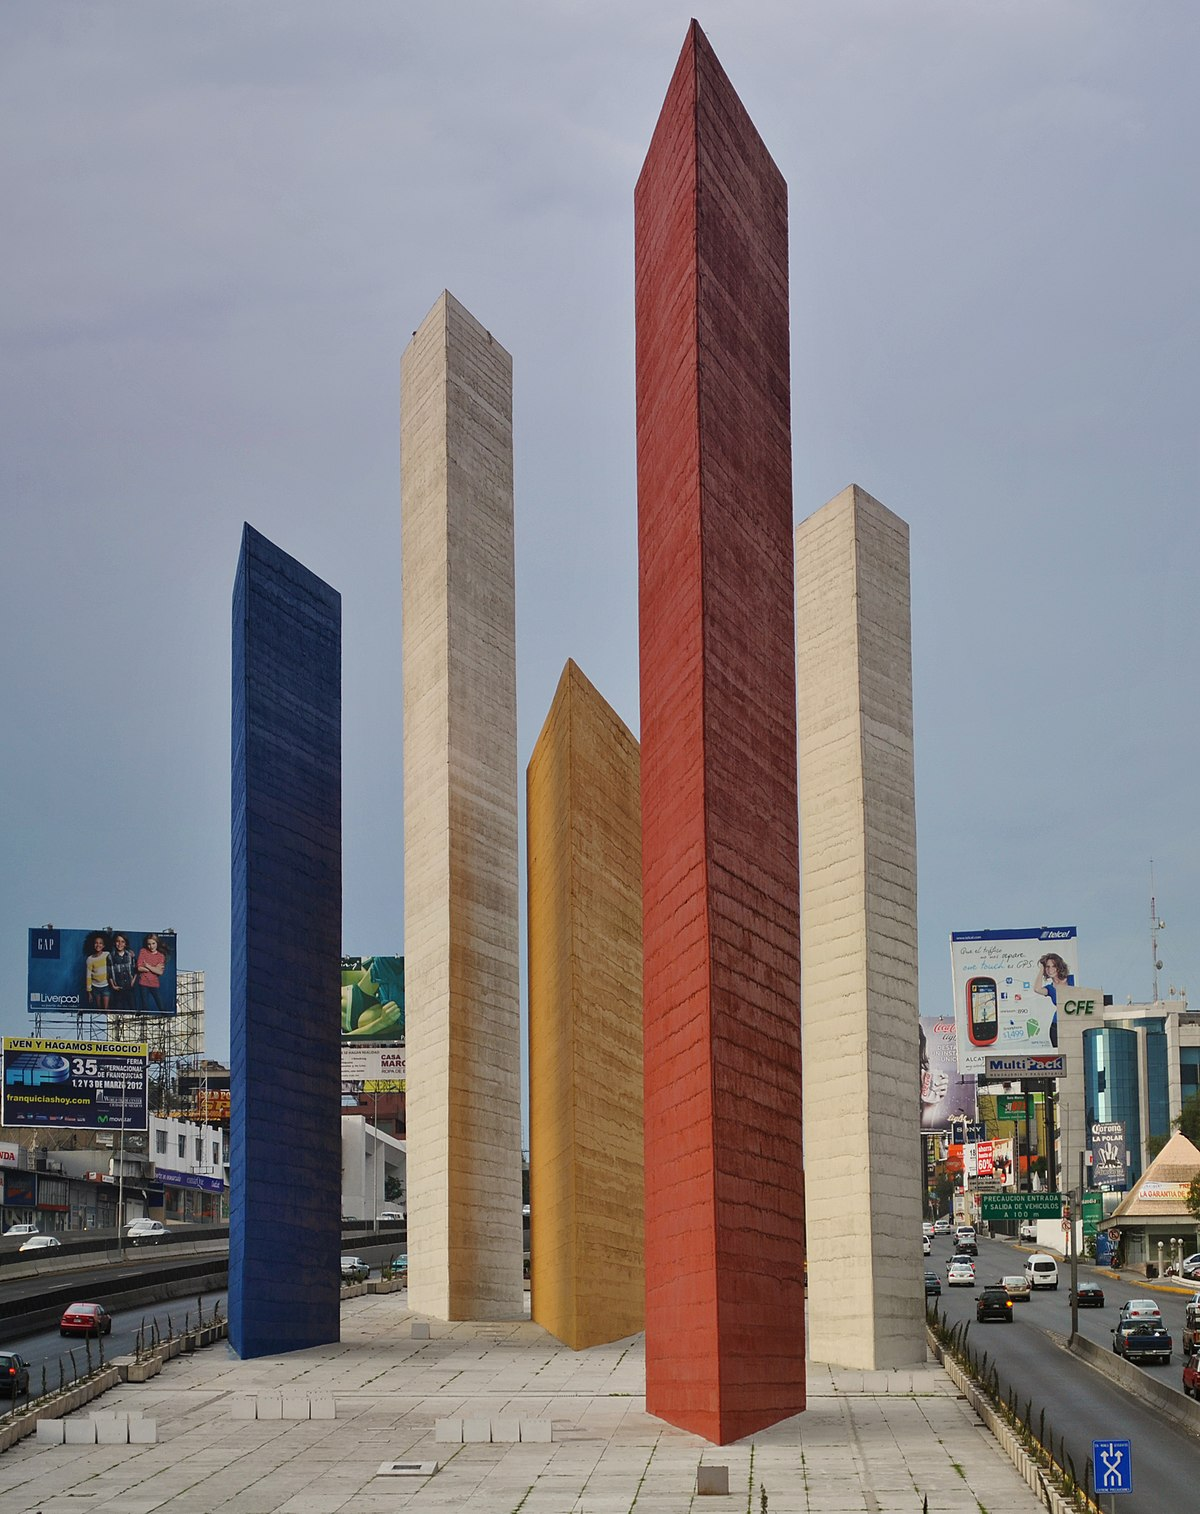 Torres de sat lite wikipedia la enciclopedia libre for Arquitectos y sus obras